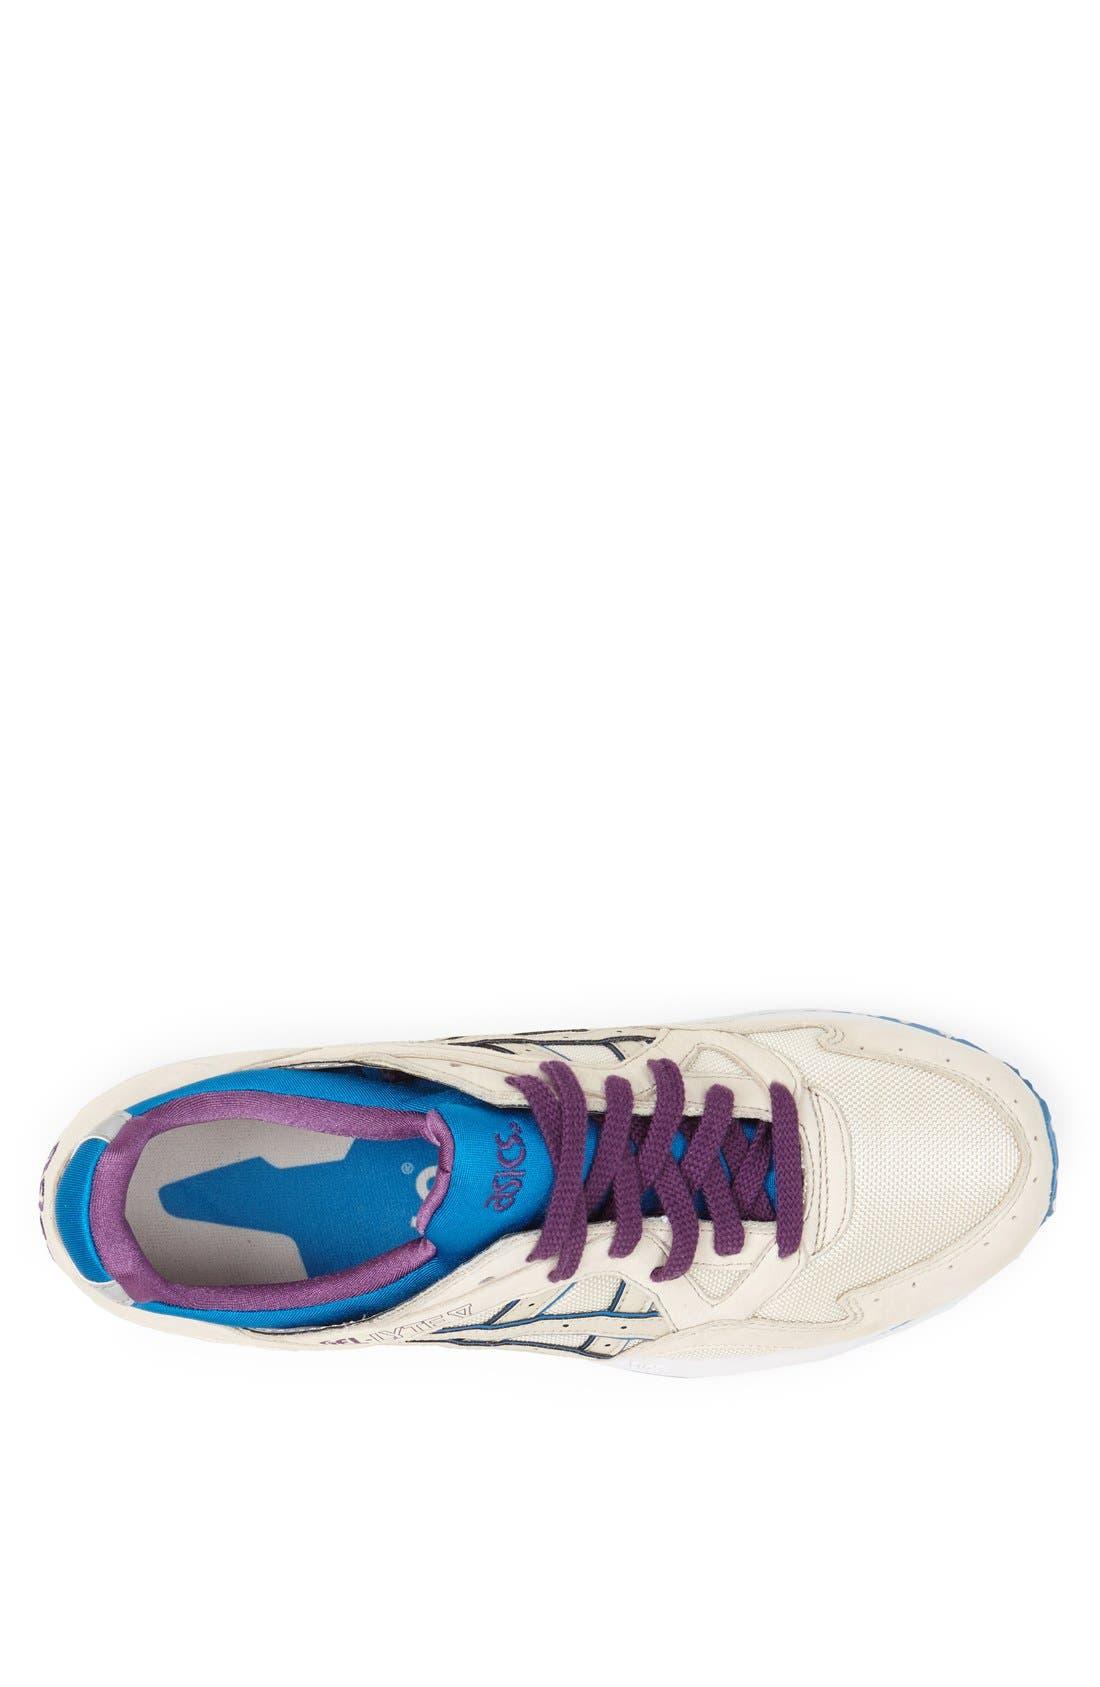 Alternate Image 3  - ASICS® 'GEL-Lyte V' Sneaker (Men)